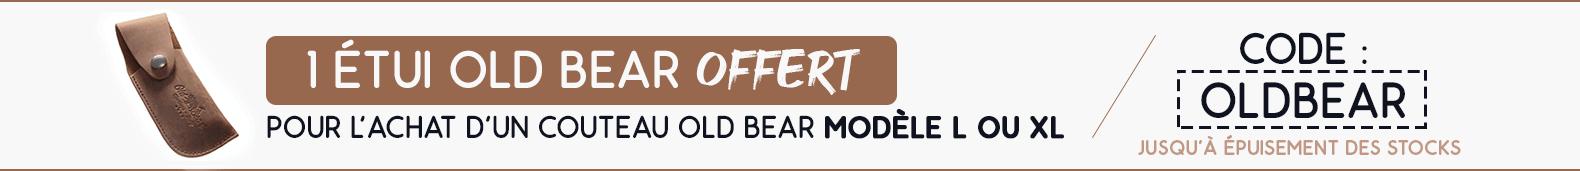 Offre Old Bear étui offert